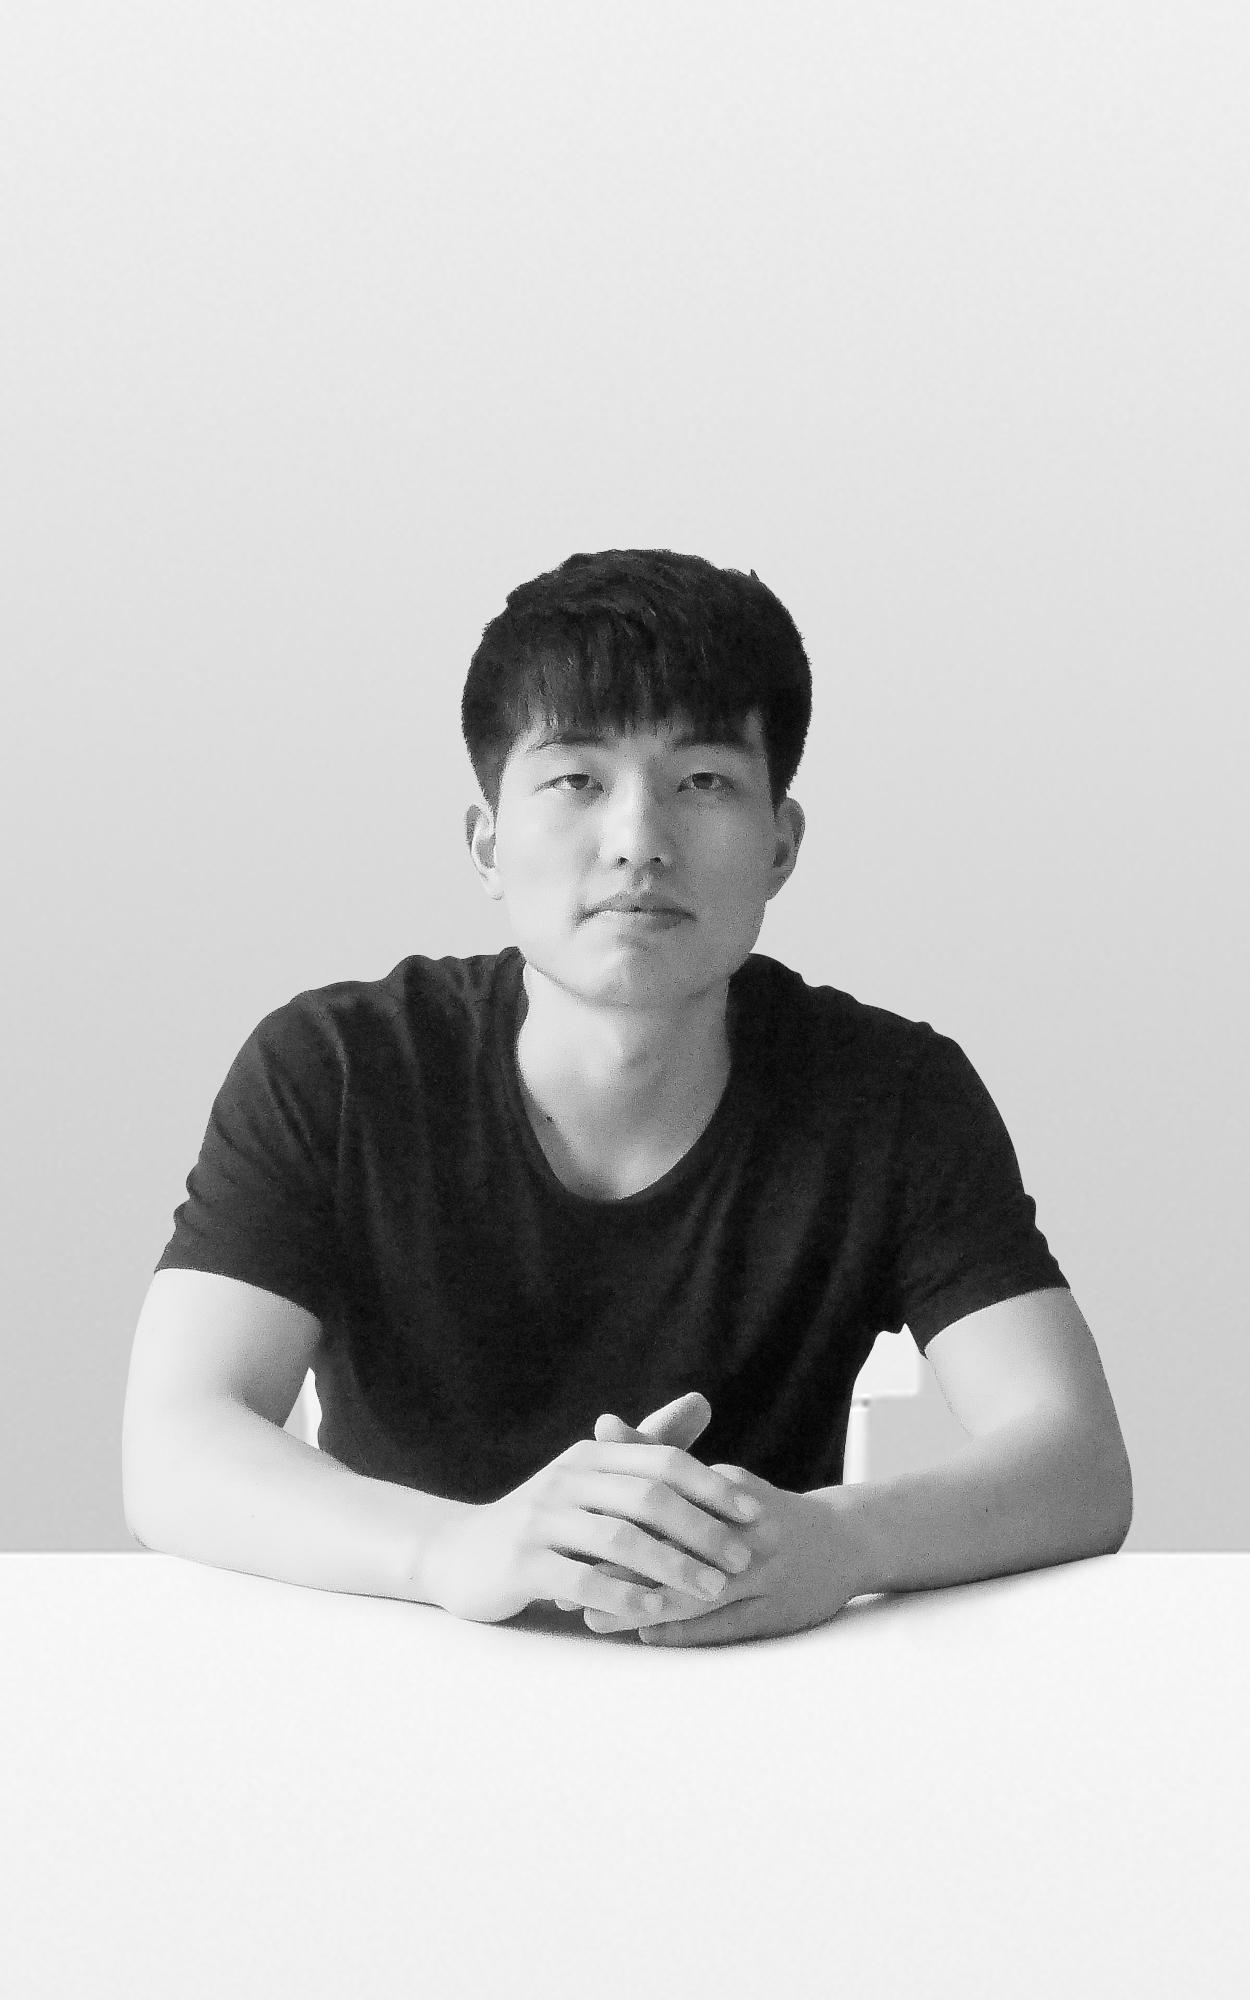 Aaron Ye 叶鑫凯